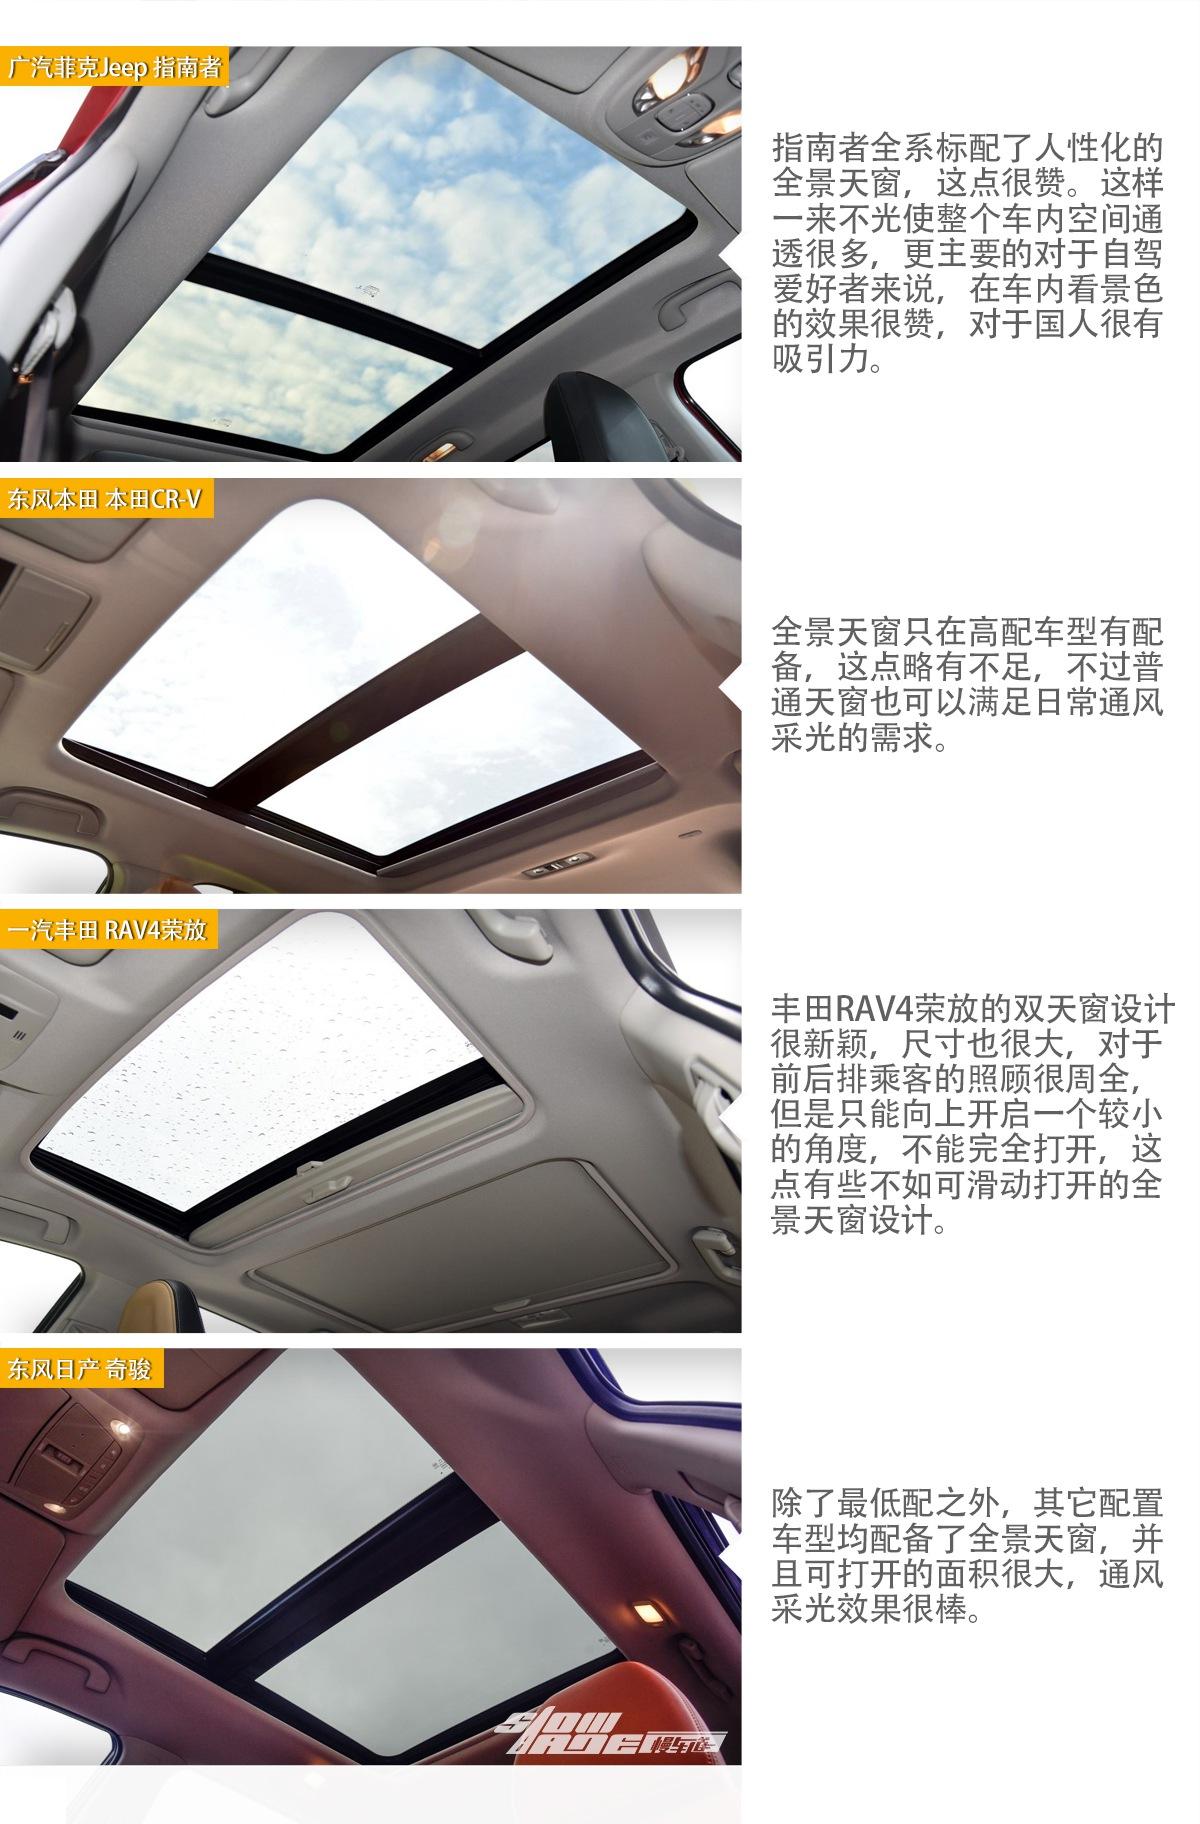 20万热门SUV推荐  低配够用/高配可越野